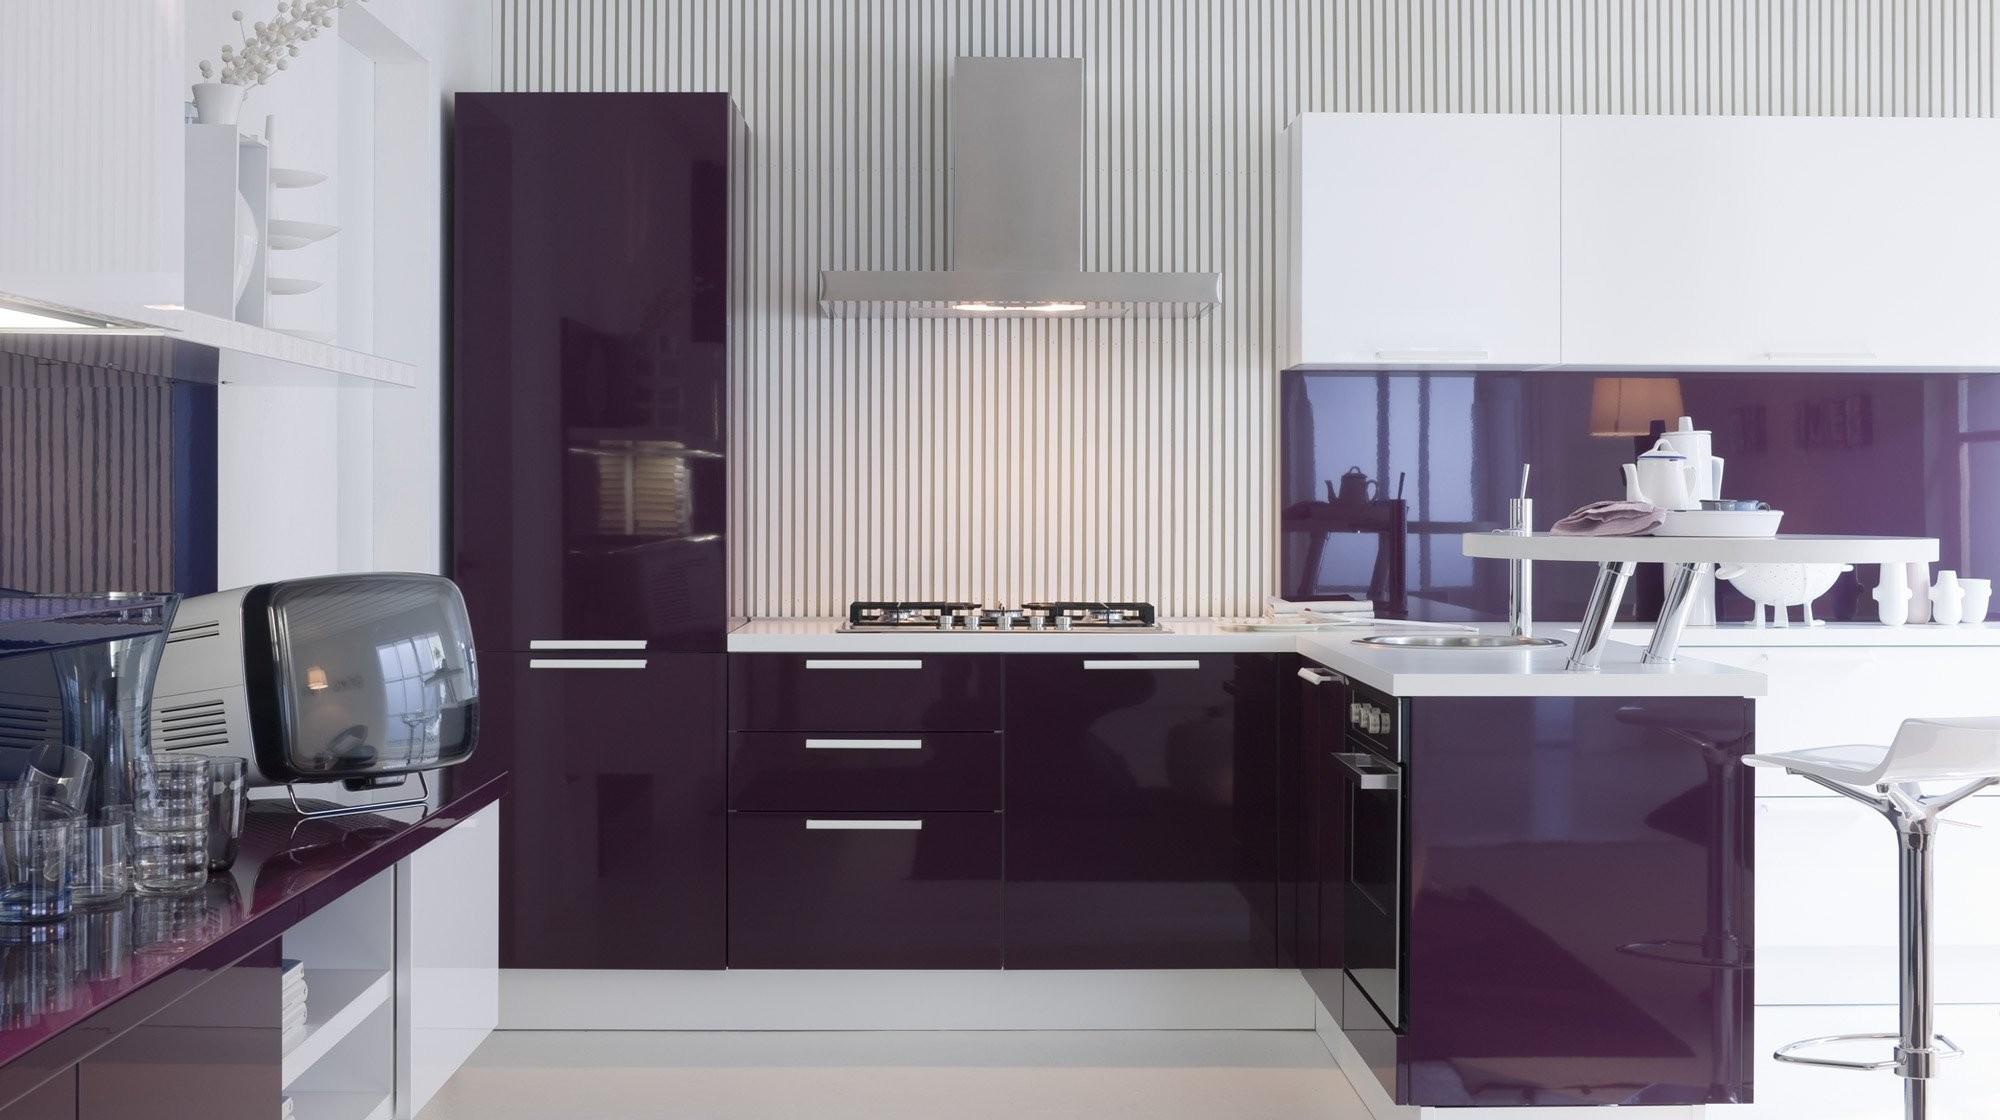 Фиолетовый оттенок чаще можно встретить в кухнях современного стиля, которому присущи глянцевые поверхности и сочные глубокие краски